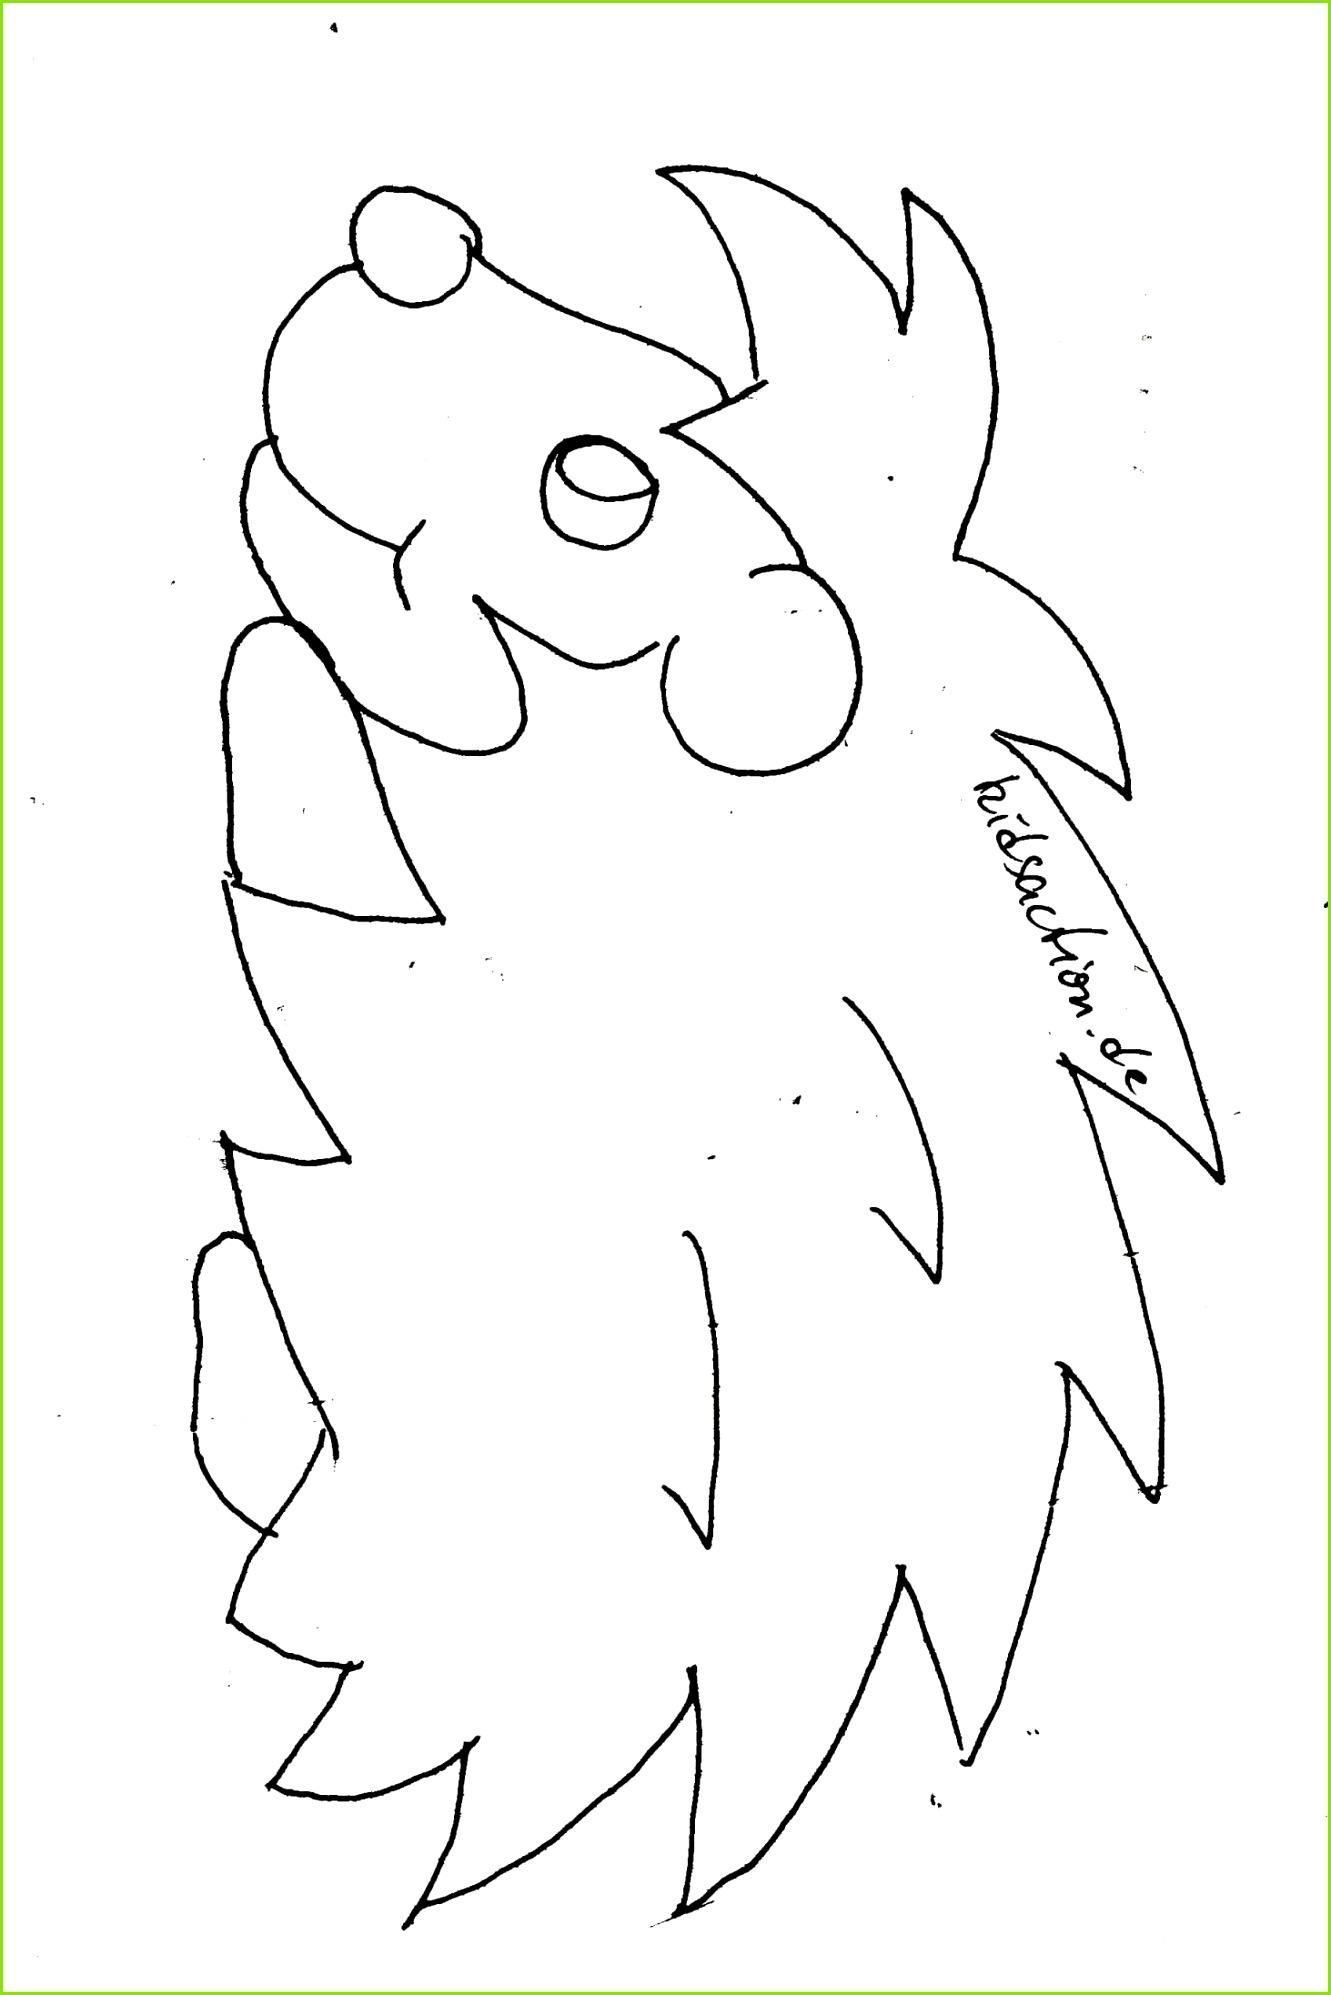 Ausmalbilder Weihnachten Schneemann Luxus Igel Grundschule 0d 40 Weihnachten Malvorlagen scoredatscore – Fensterbilder Vorlagen Kostenlos Ausdrucken